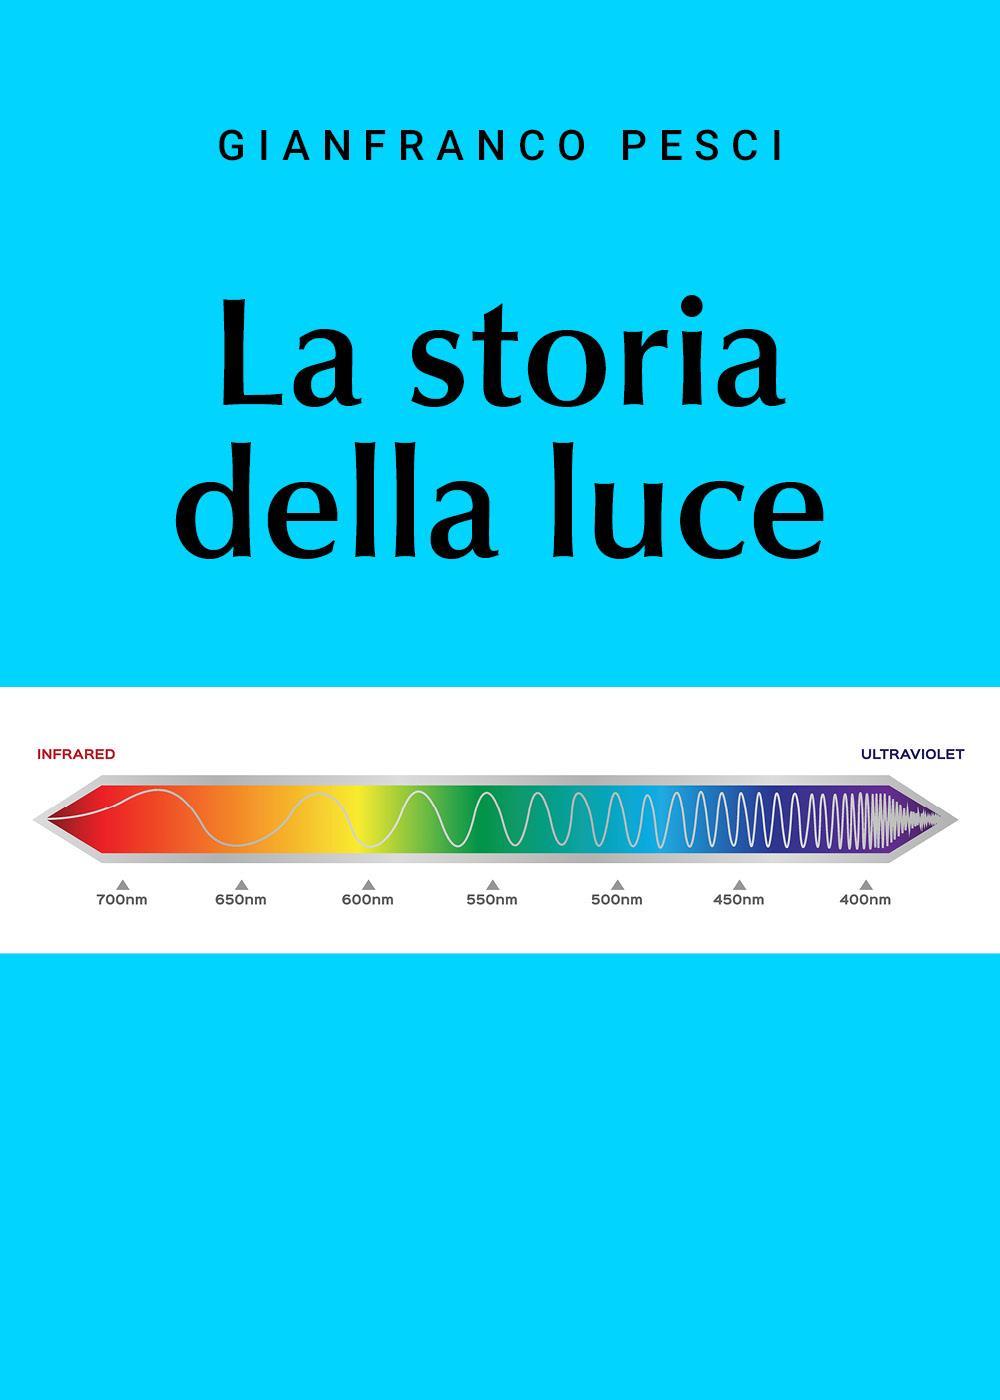 La storia della luce